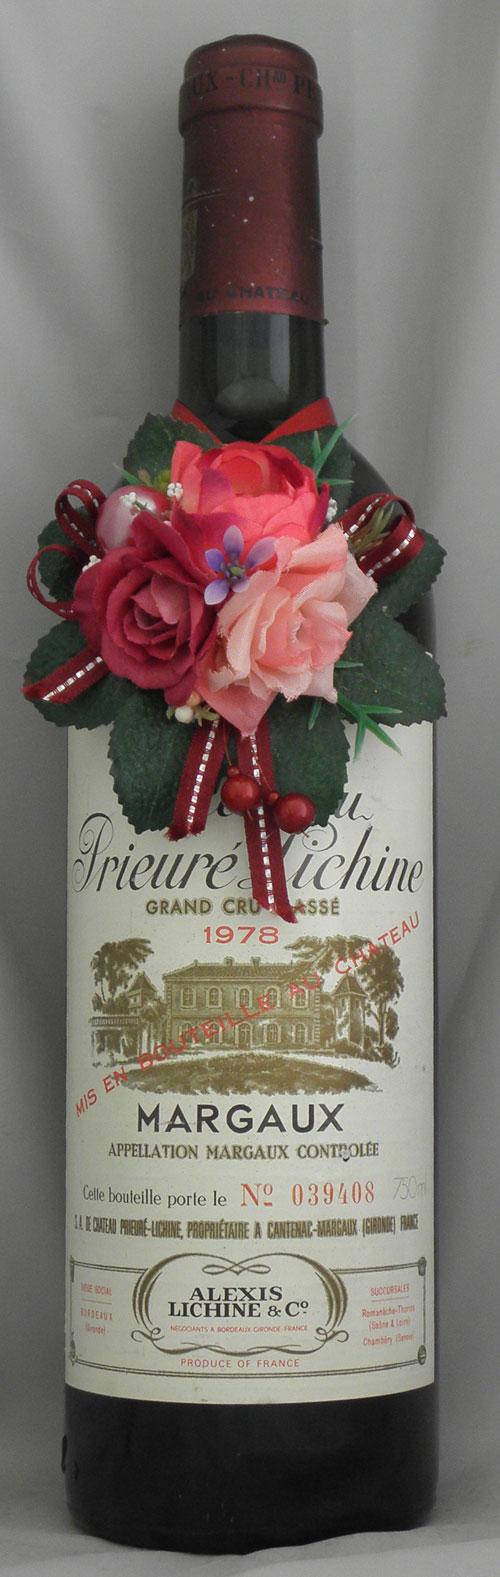 1978年 シャトー プリューレ リシーヌ(フランス 赤ワイン)